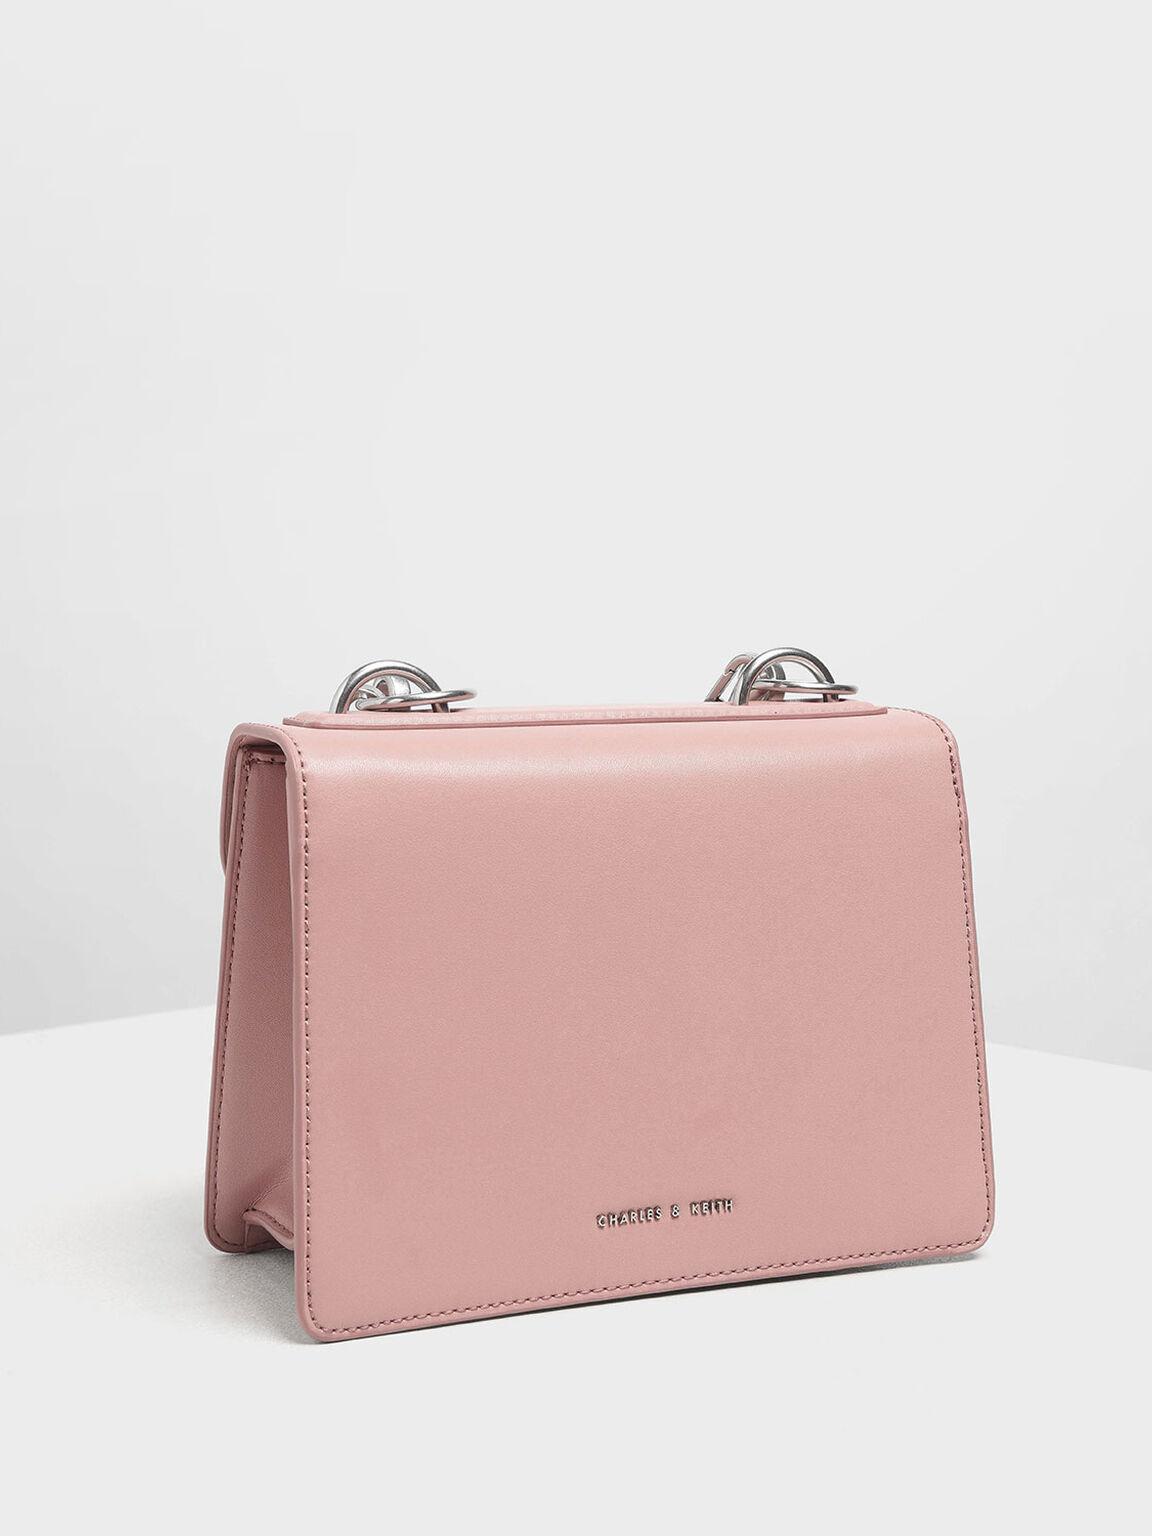 Metal Push Lock Front Flap Bag, Pink, hi-res